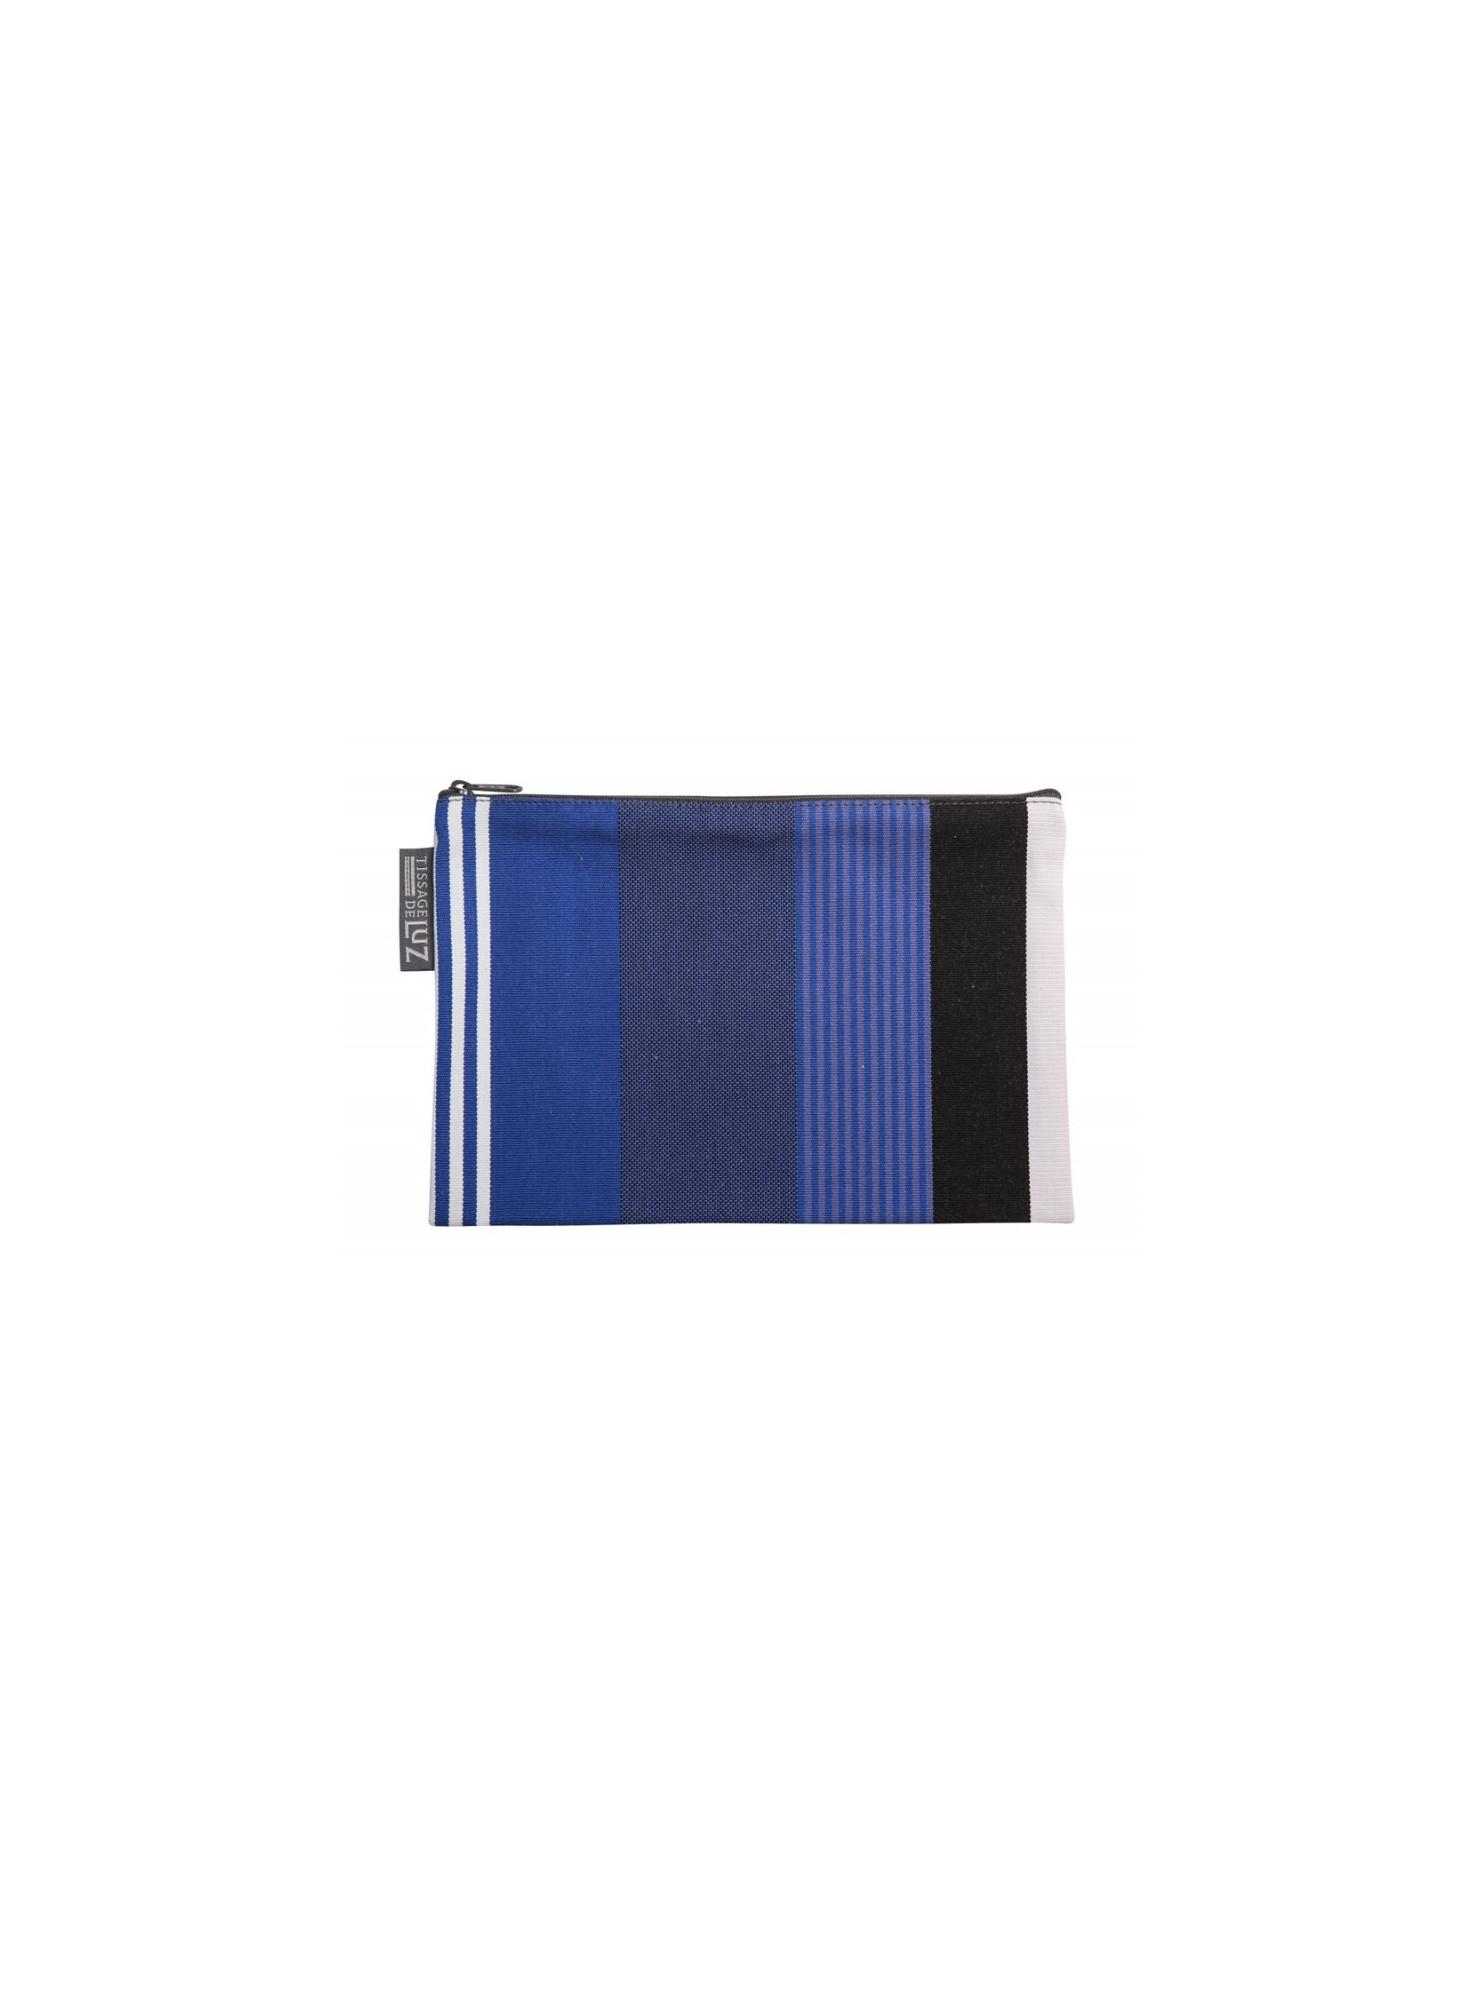 Flat kit Beaurivage basque linen